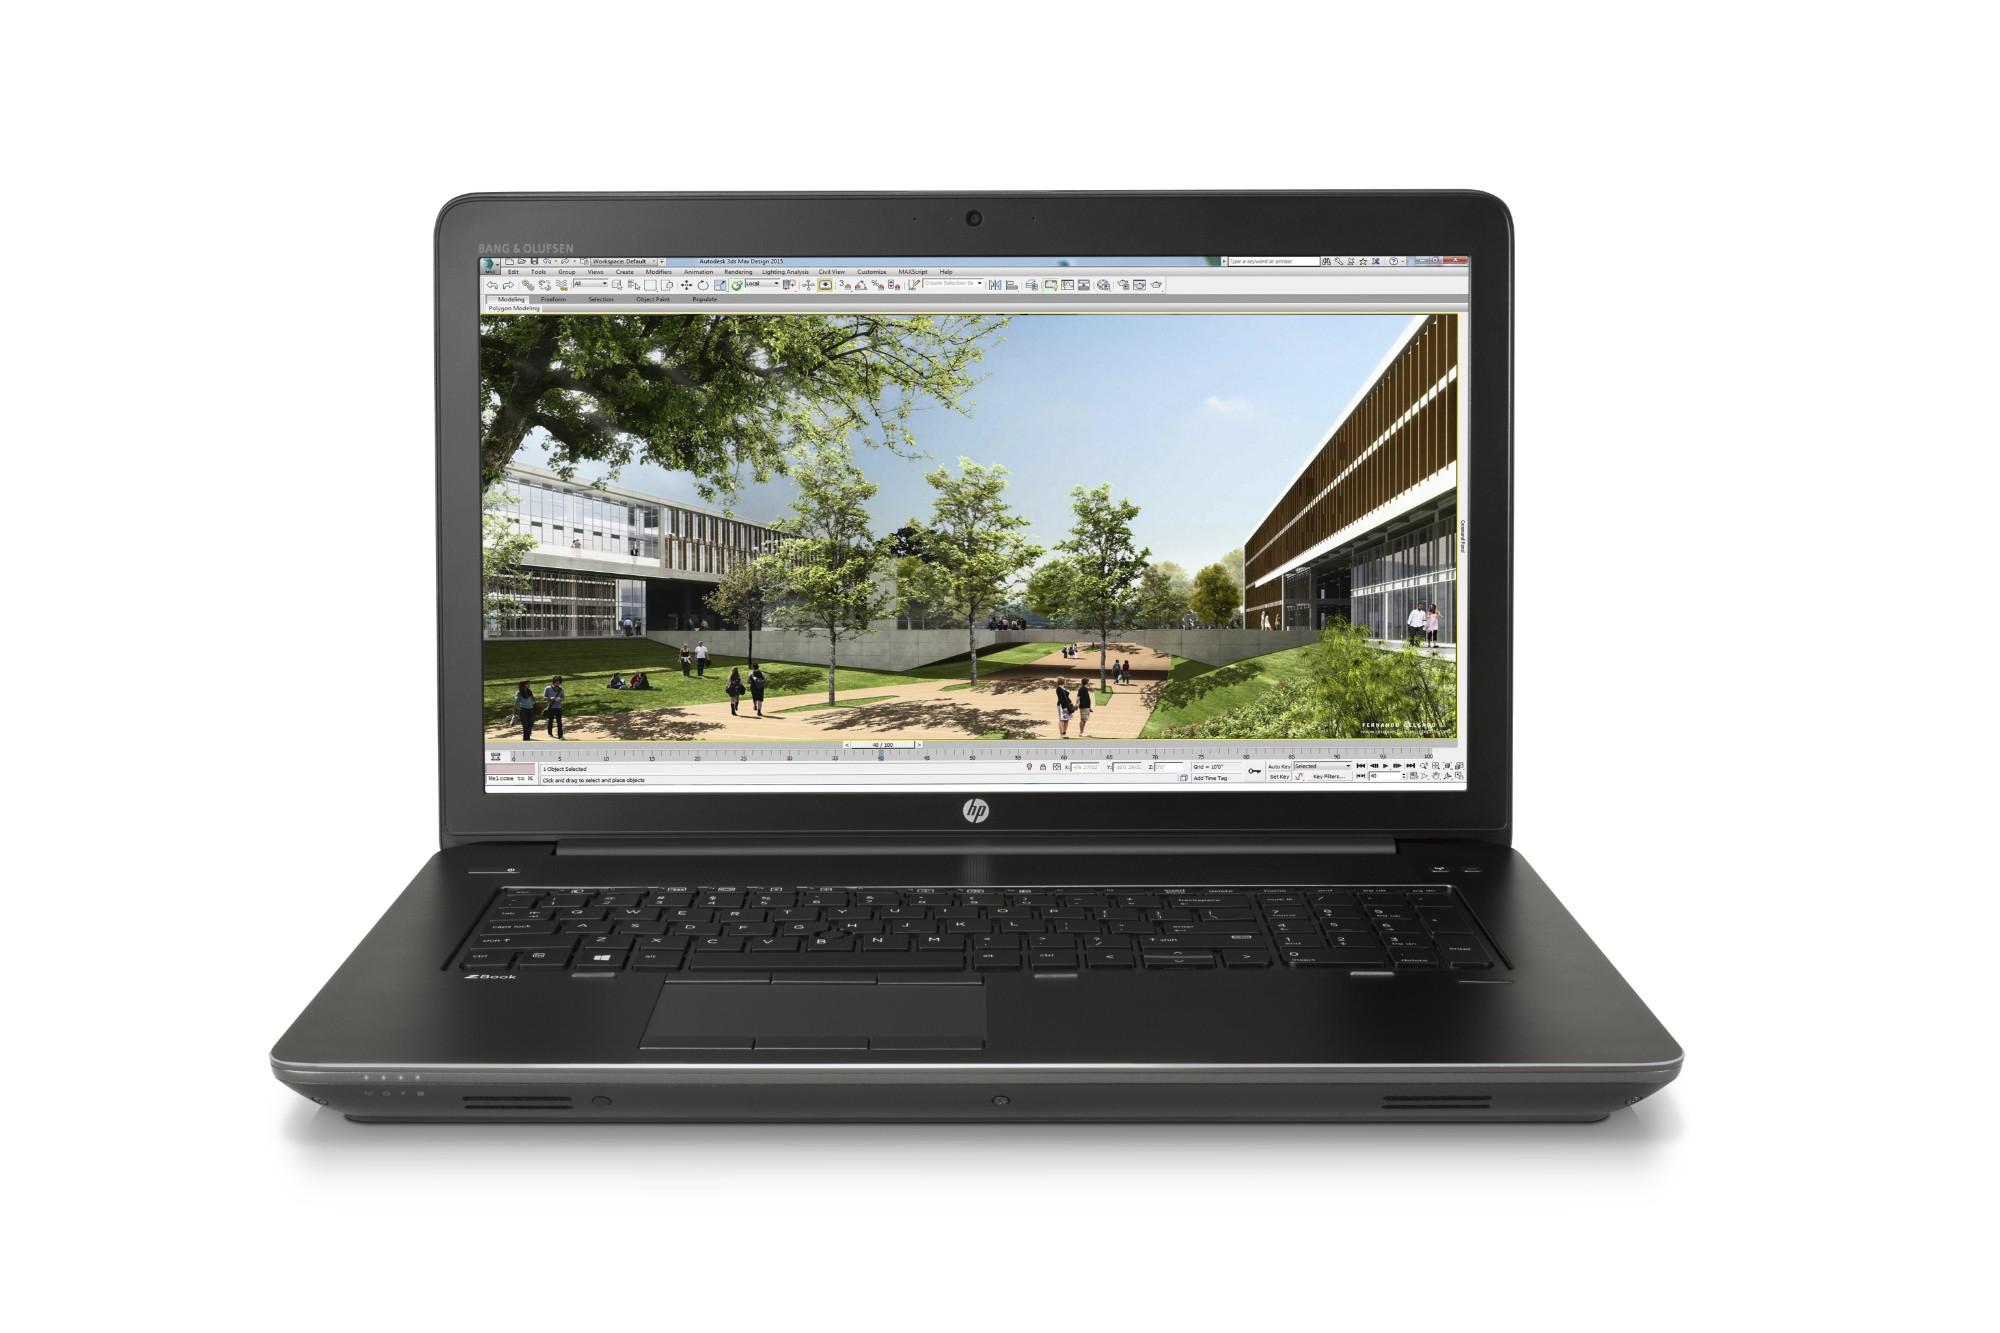 HP Mobile WS ZBook 17 G3 T7V64ETR Core i7-6820HQ 16GB 256GB SSD 17 3IN CAM  Win 7/10 Pro Refurb